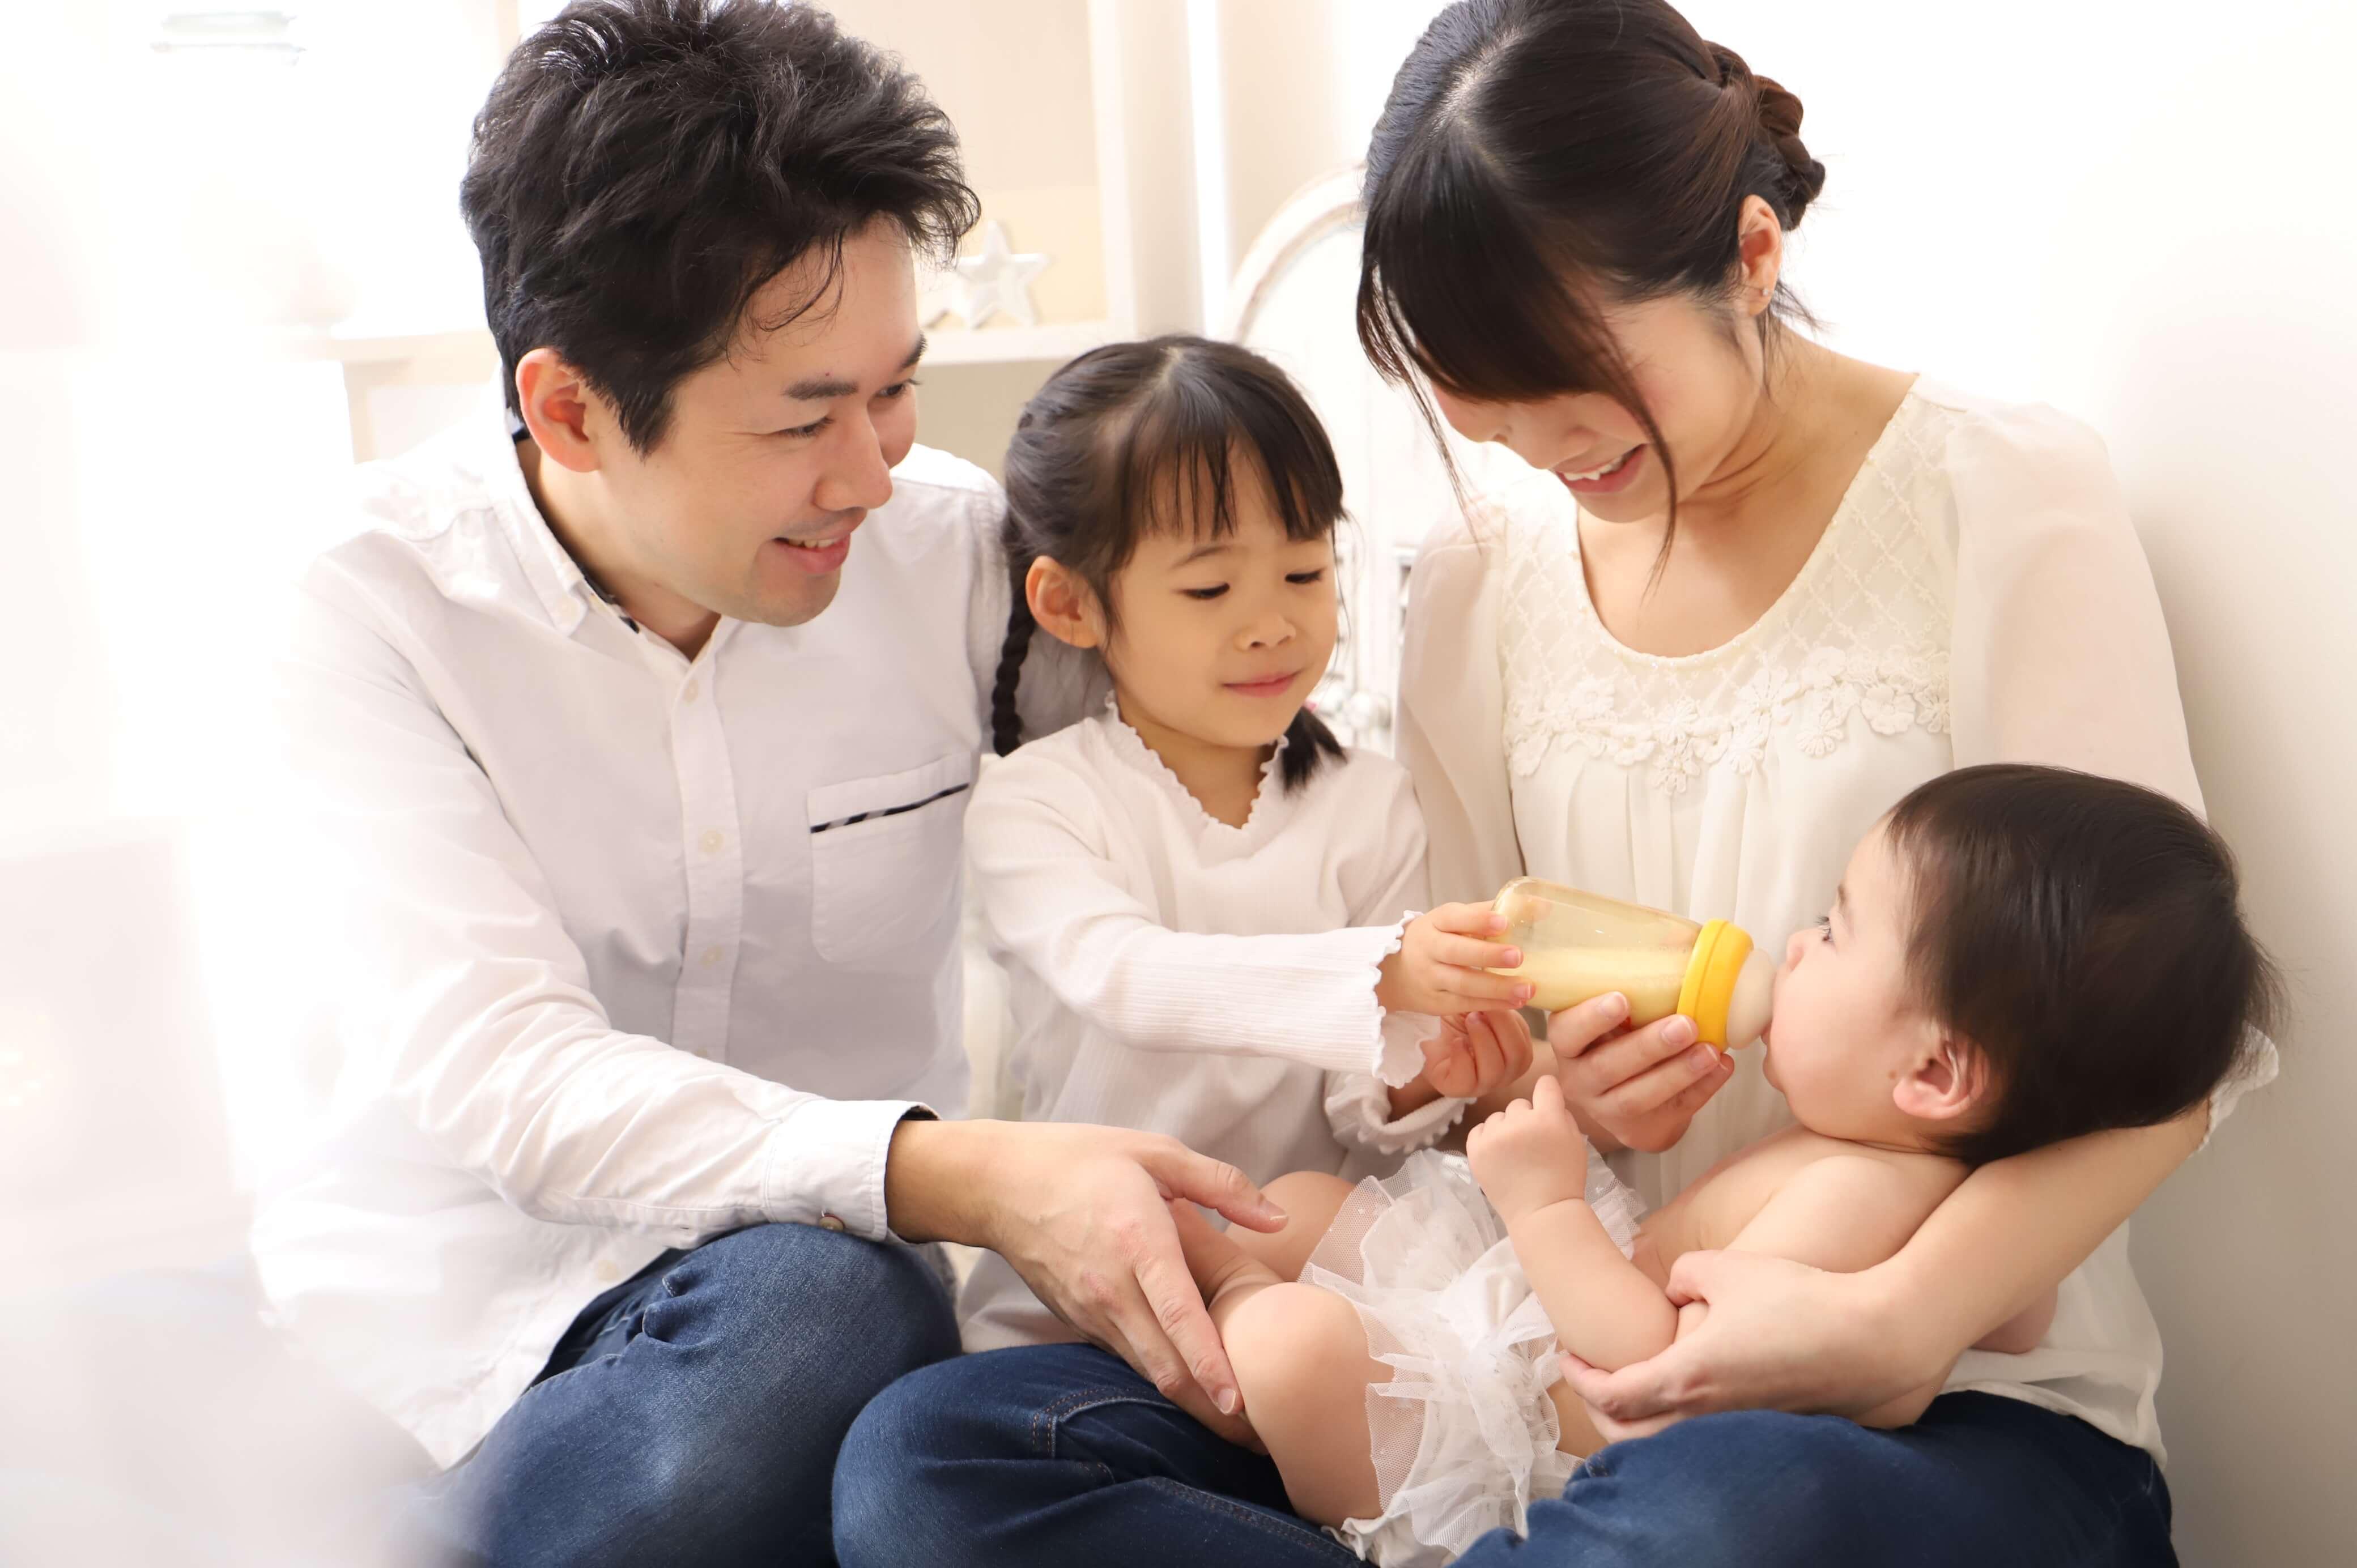 《ご参加ありがとうございました》1/14に札幌西店で行った授乳フォト撮影会の様子をお届けします♬